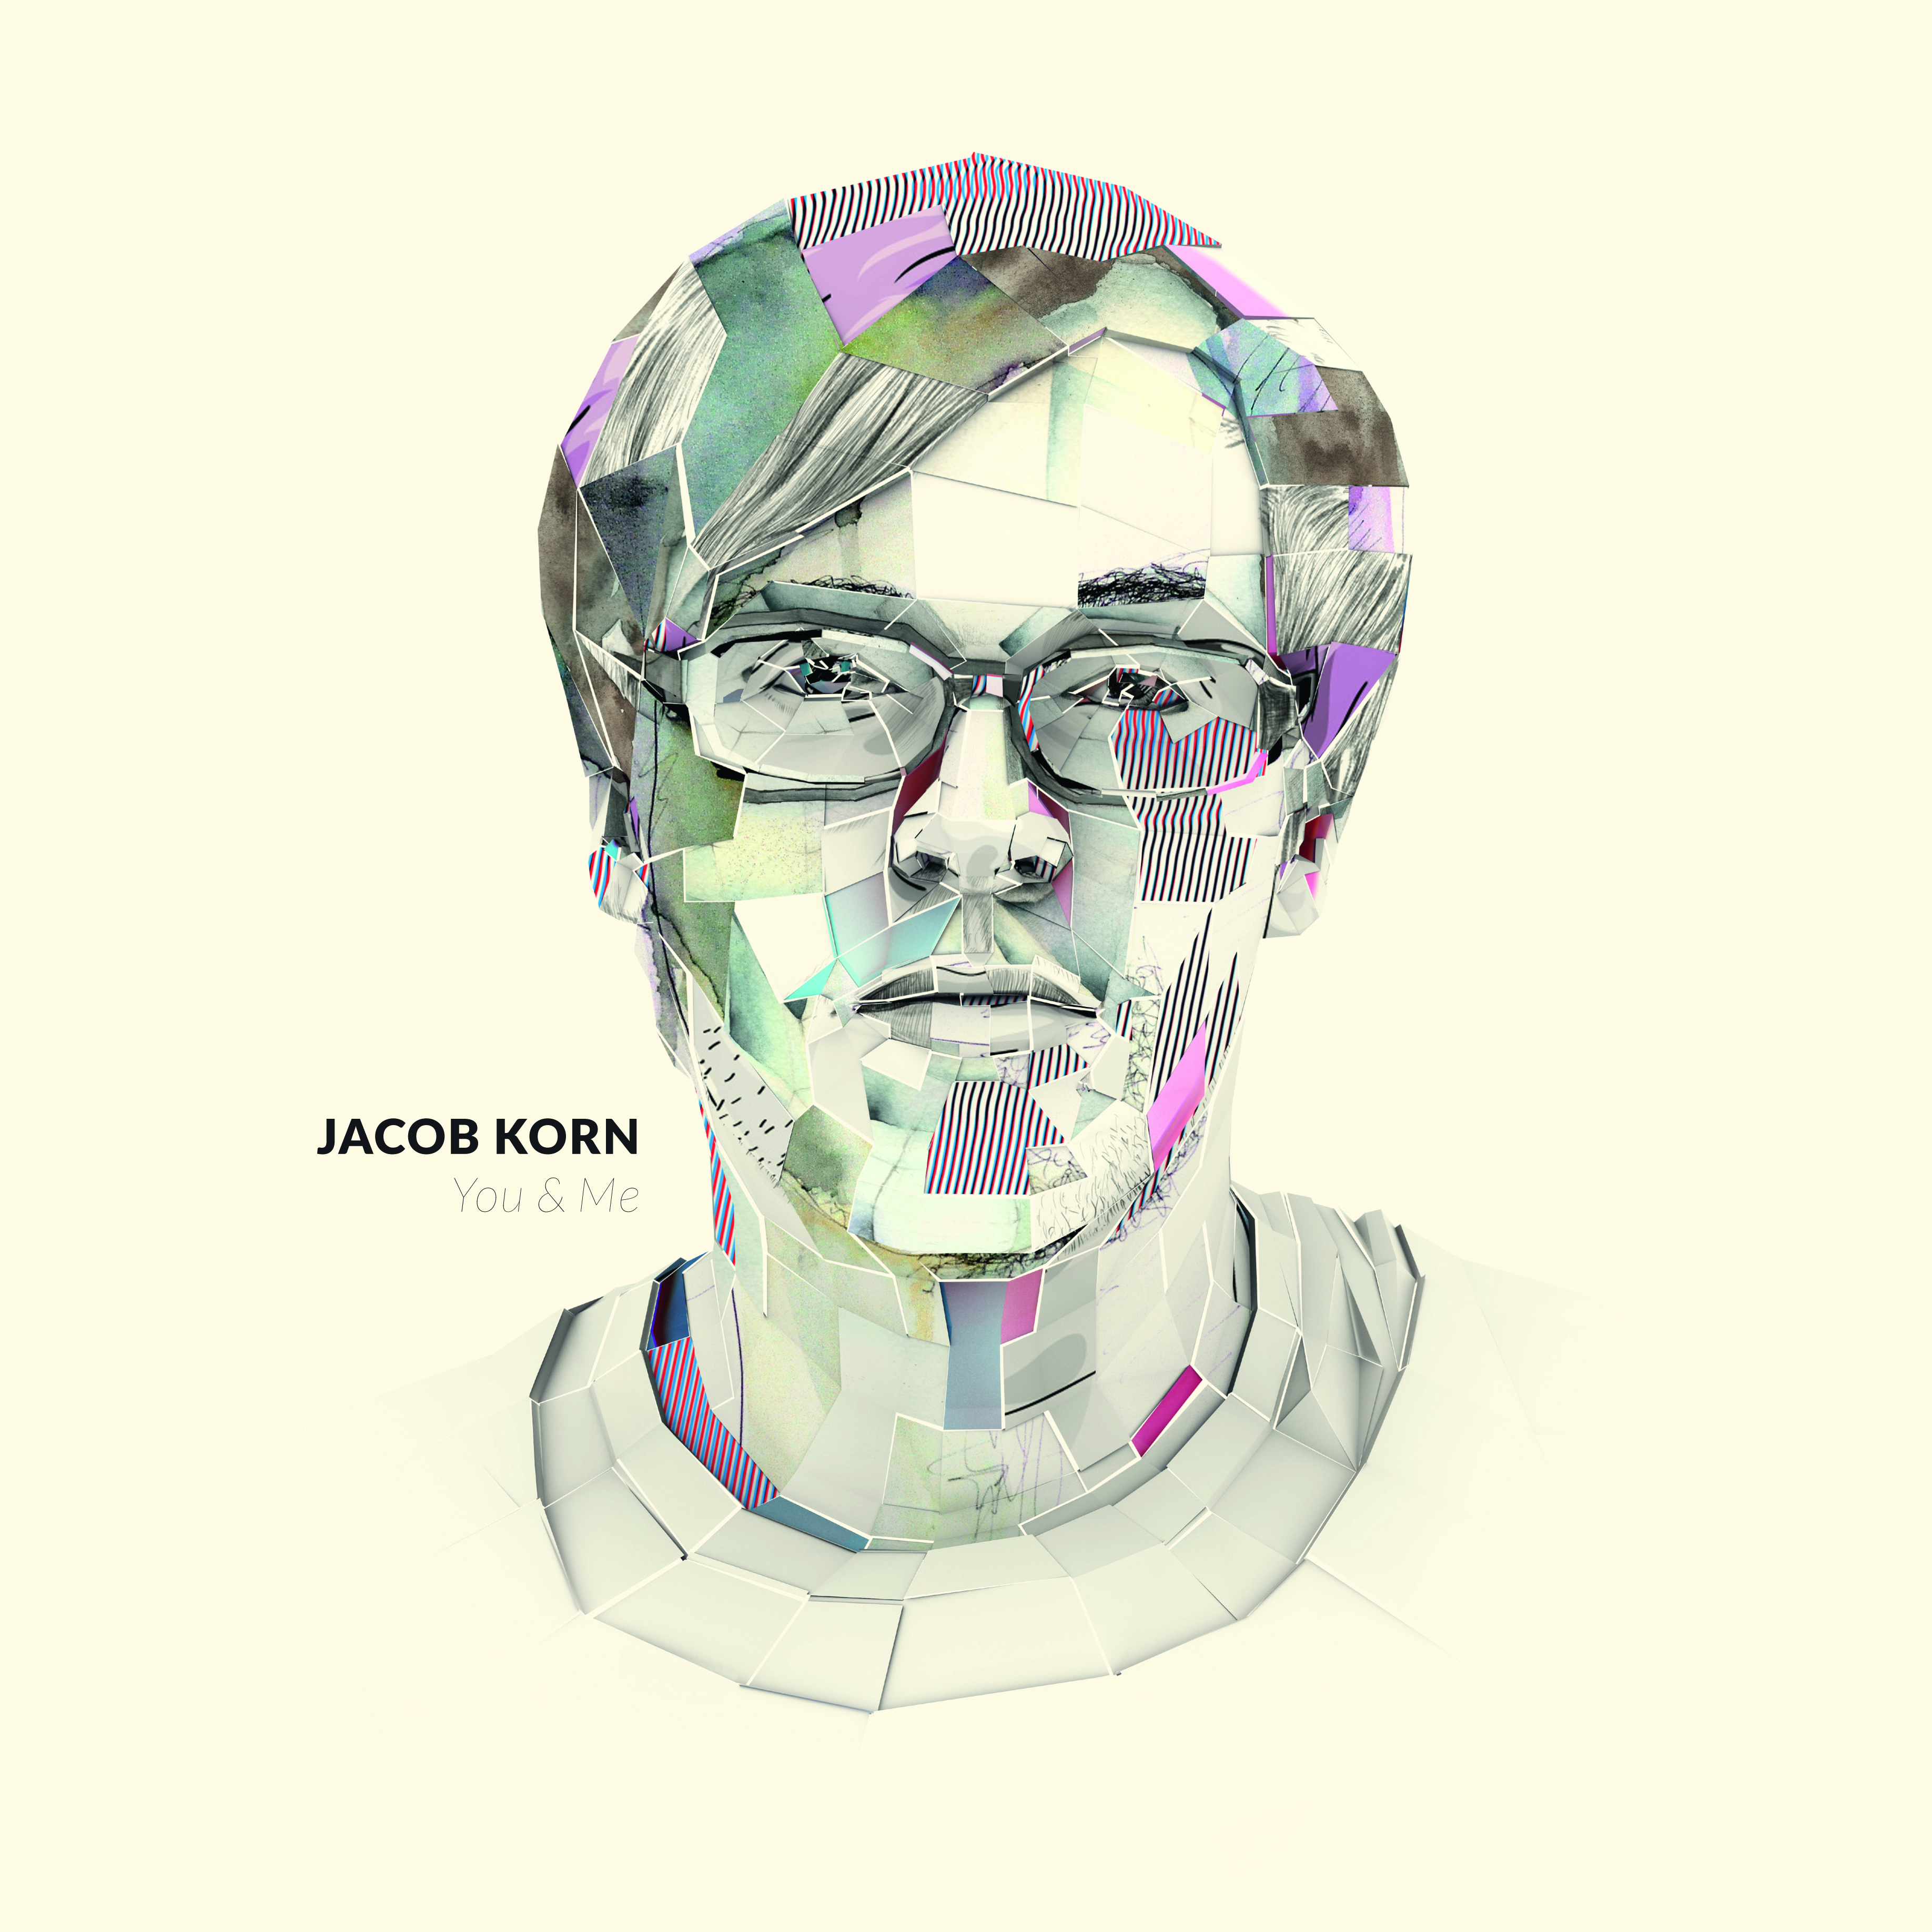 Jacob Korn – Me & You